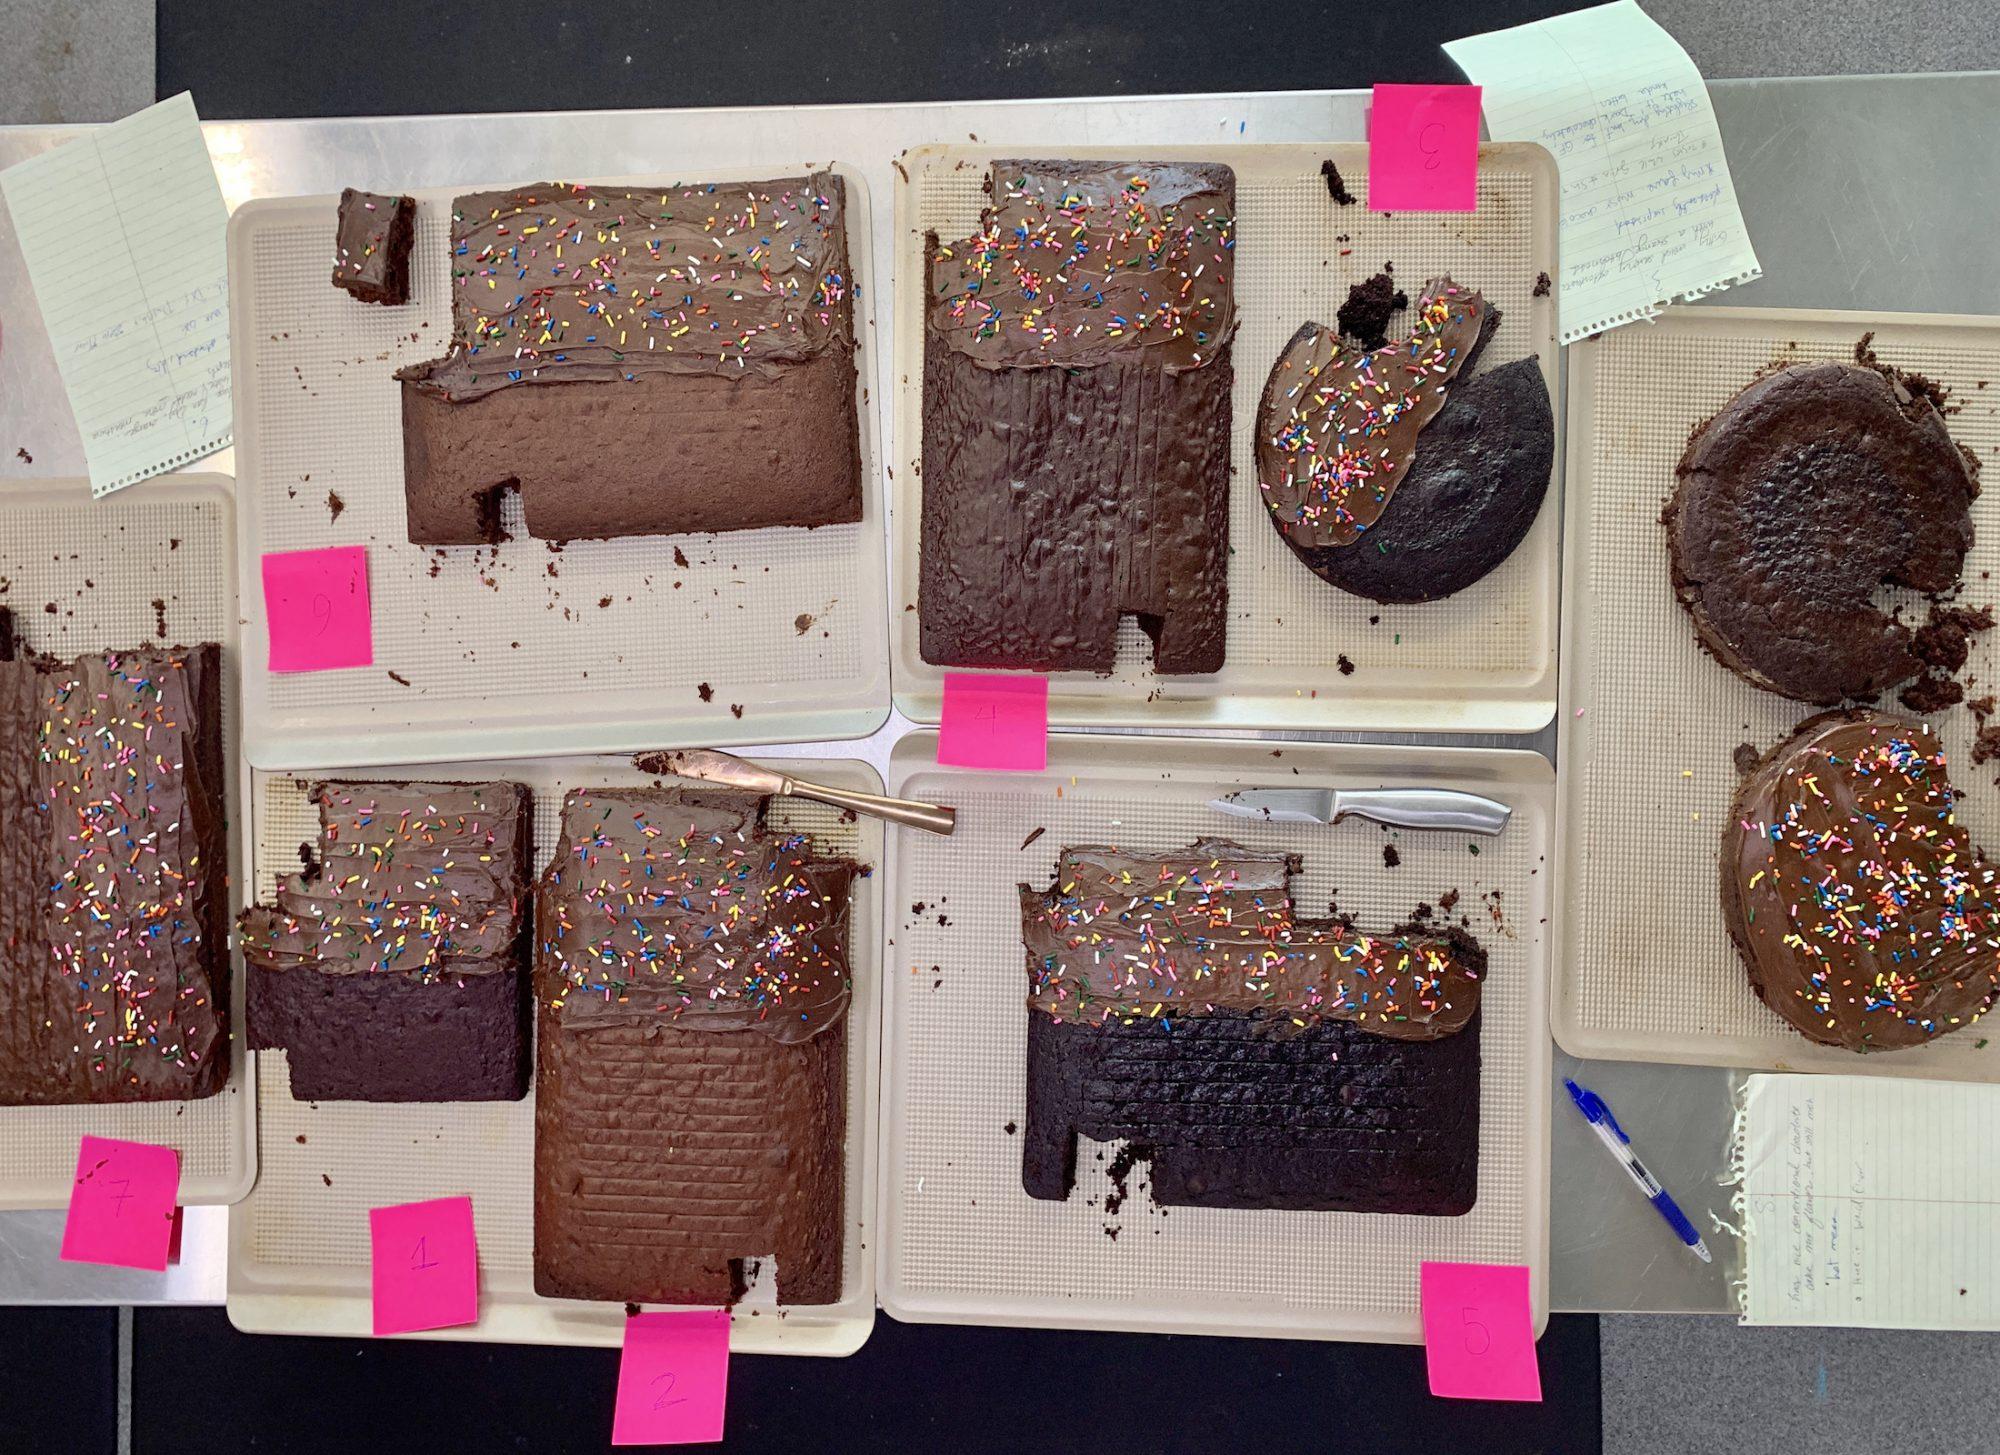 chocolate cake taste test.jpg